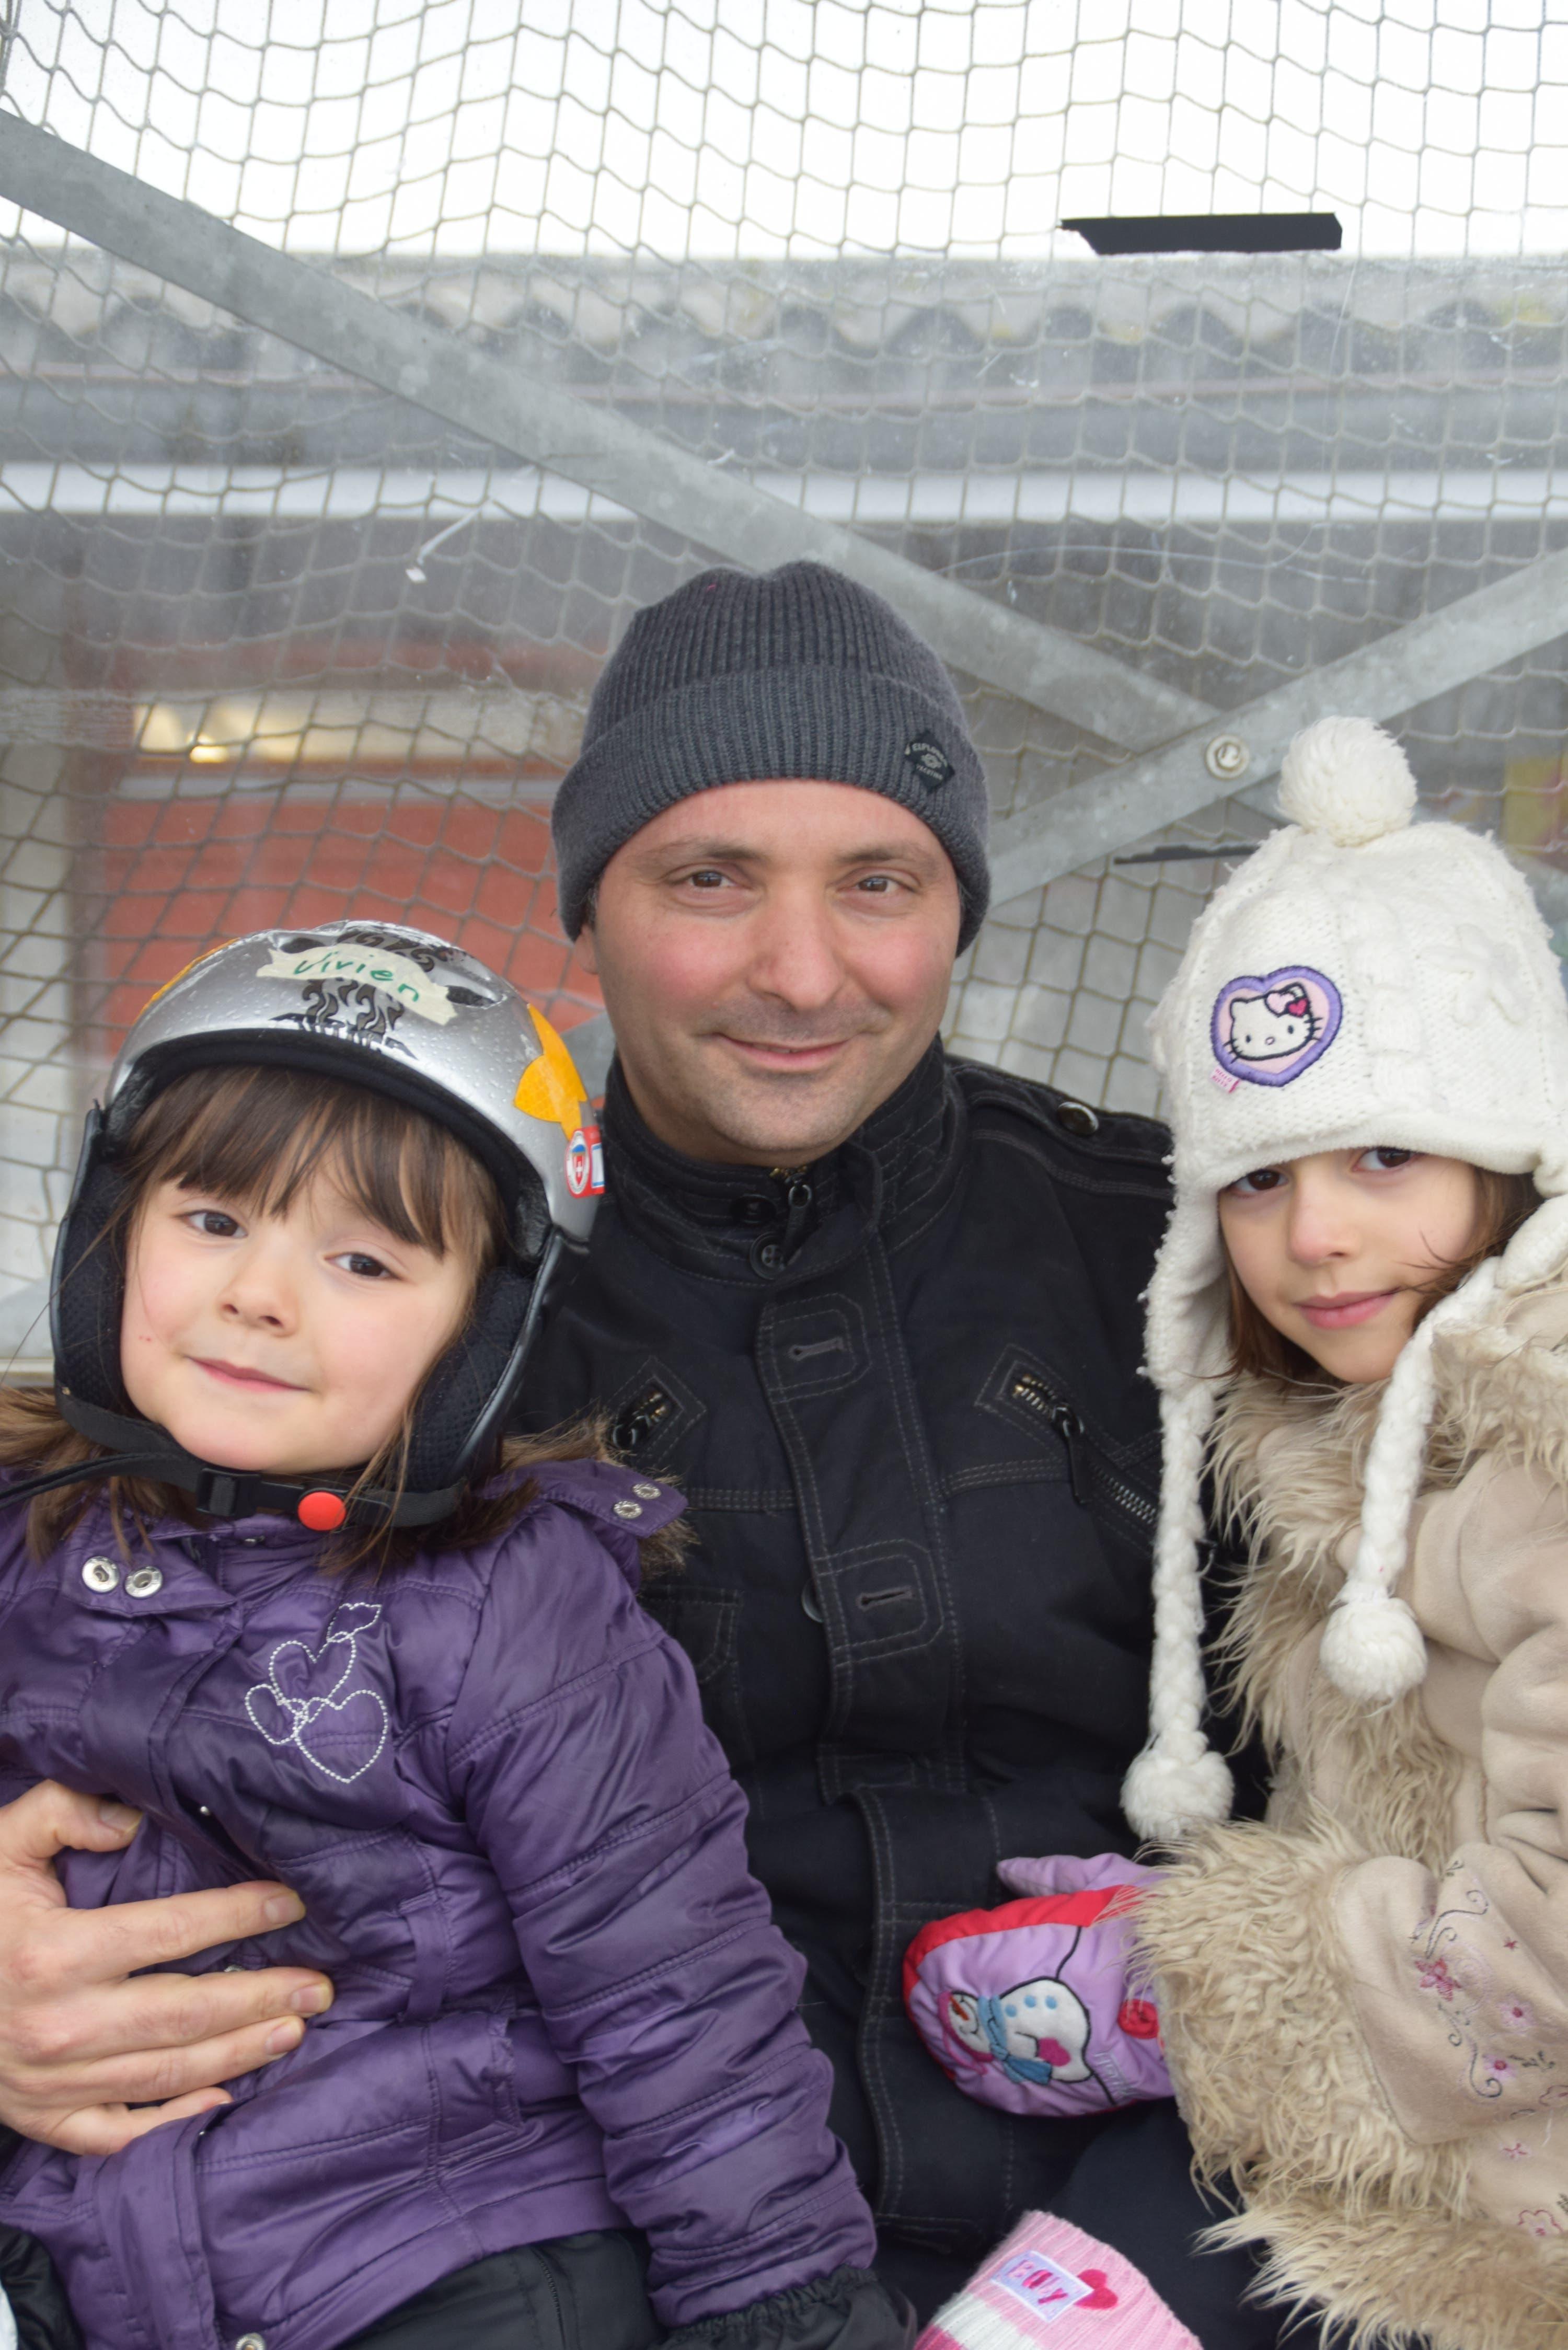 Franco Michienzi (40), Büttikon «Die jetzige Eisbahn ist so heimelig. Bei schönem Wetter fährt man unter der Sonne und die Kinder haben auch Spass daran. Meiner Meinung nach bräuchte es nicht unbedingt eine neue Eisbahn.»